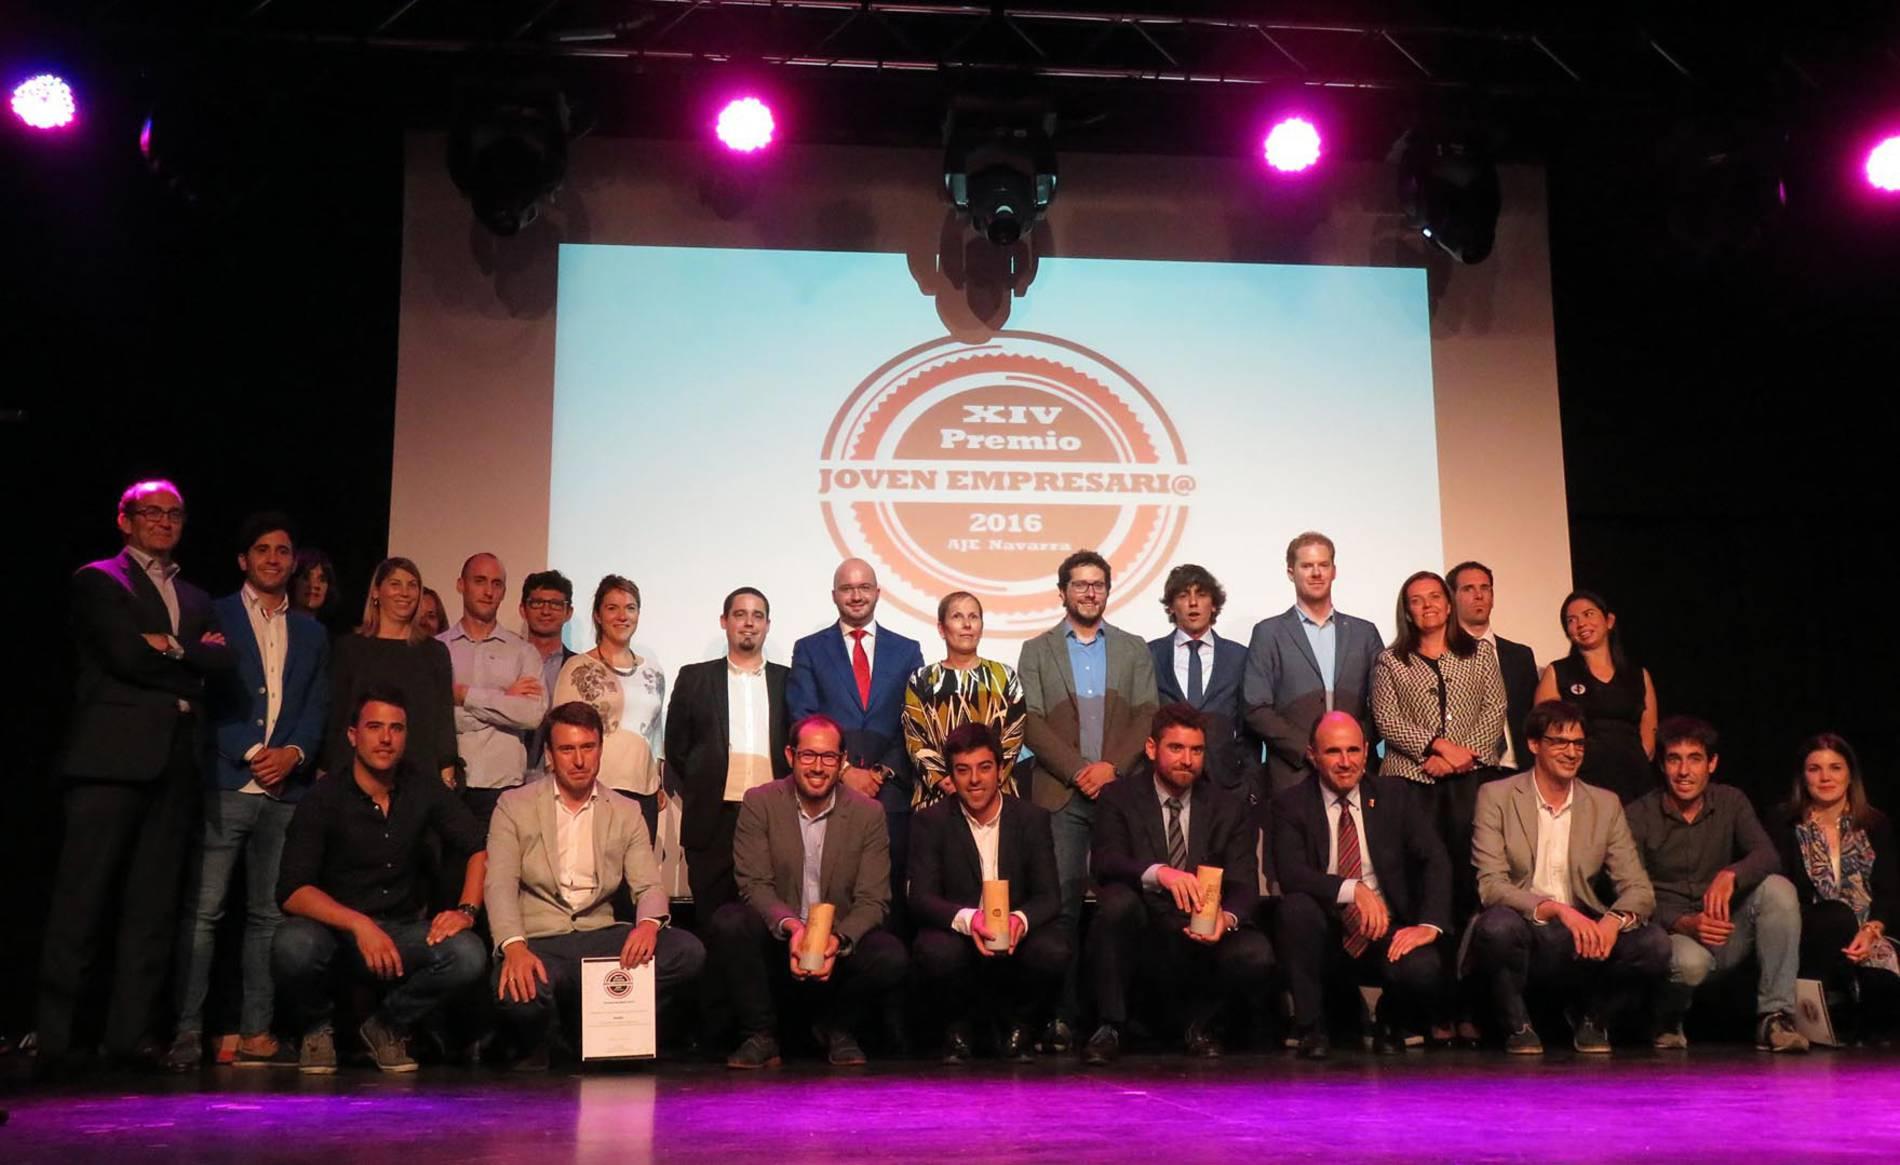 Entrega de Premios AJE 2016 (II) (1/27) - Acto de entrega de los Premios Joven Empresario Navarro 2016, organizada por AJE Navarra en el Zentral, en la que Ciro Larrañeta, CEO de Tetrace, consiguió el Premio al Joven Empresario. - DN Management -